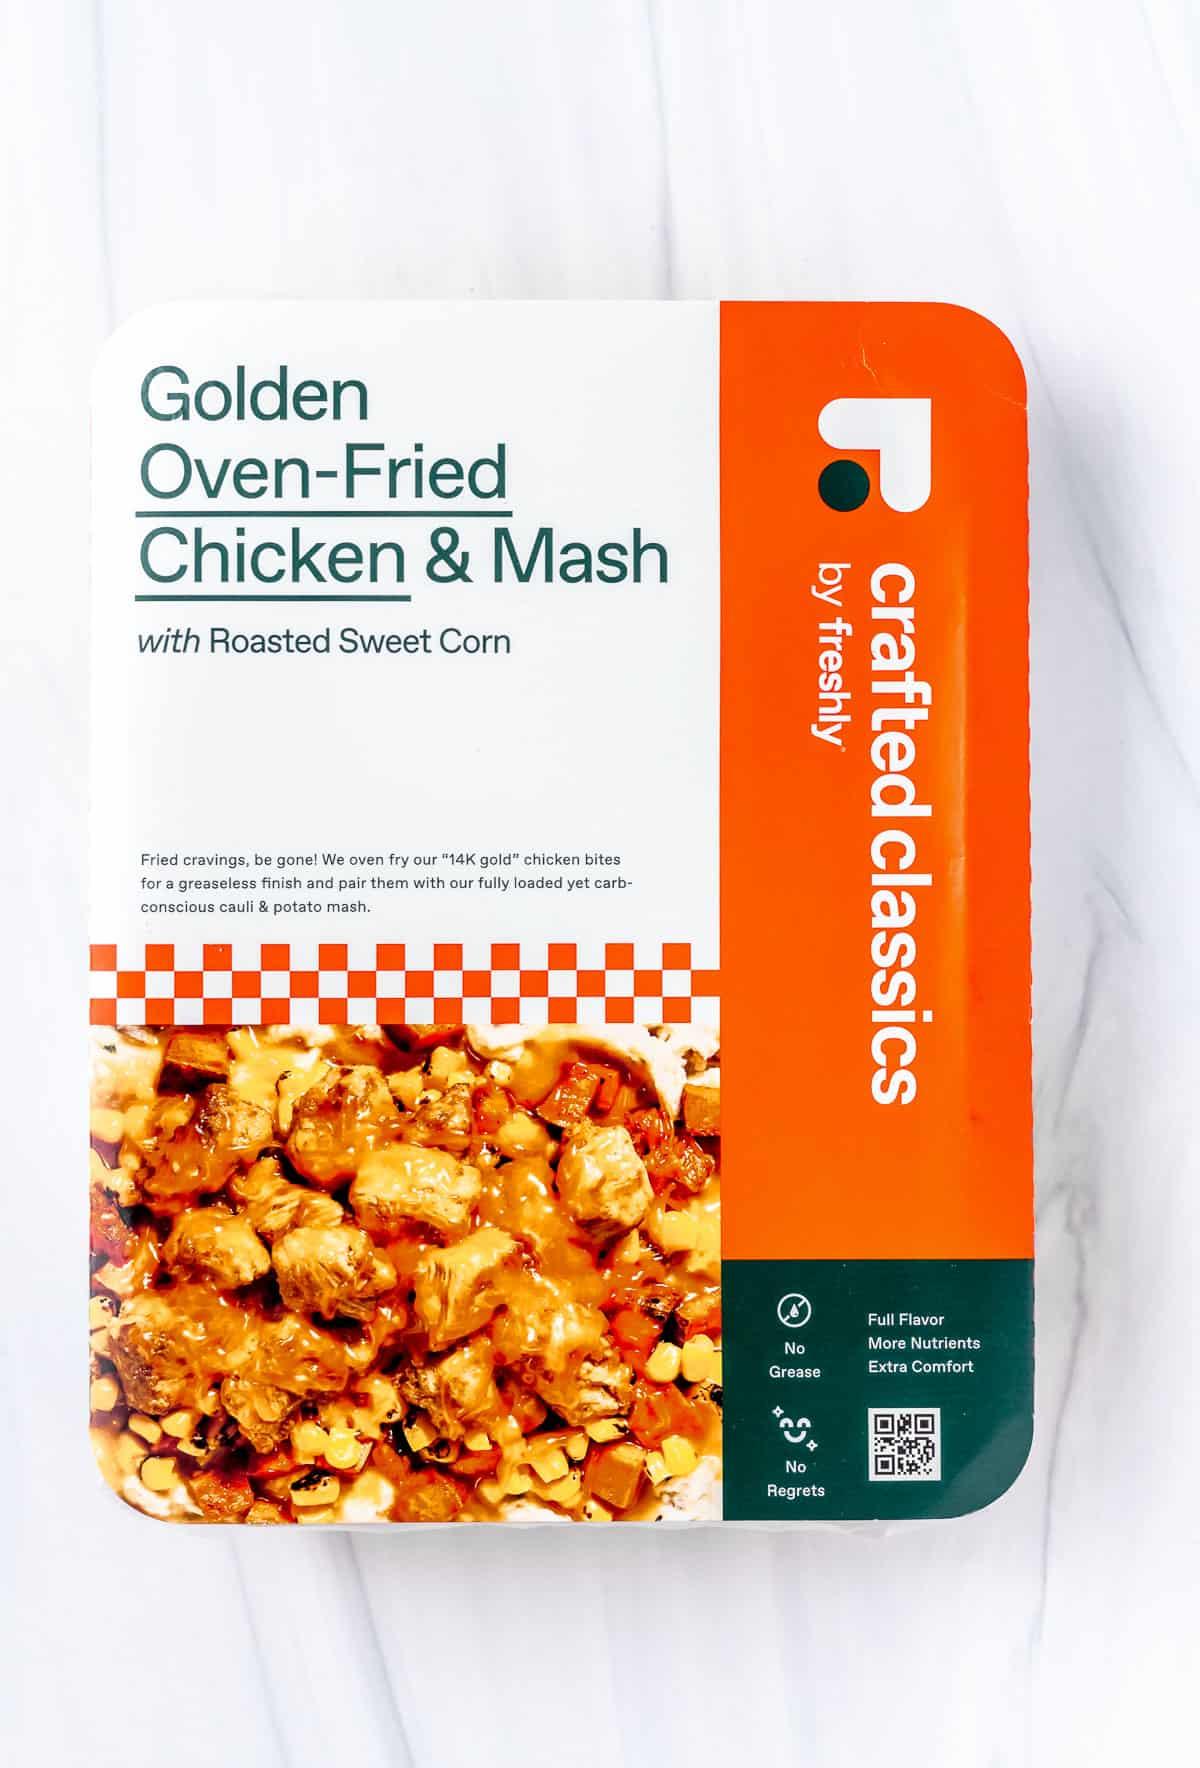 Freshly golden oven-fried chicken & mash box